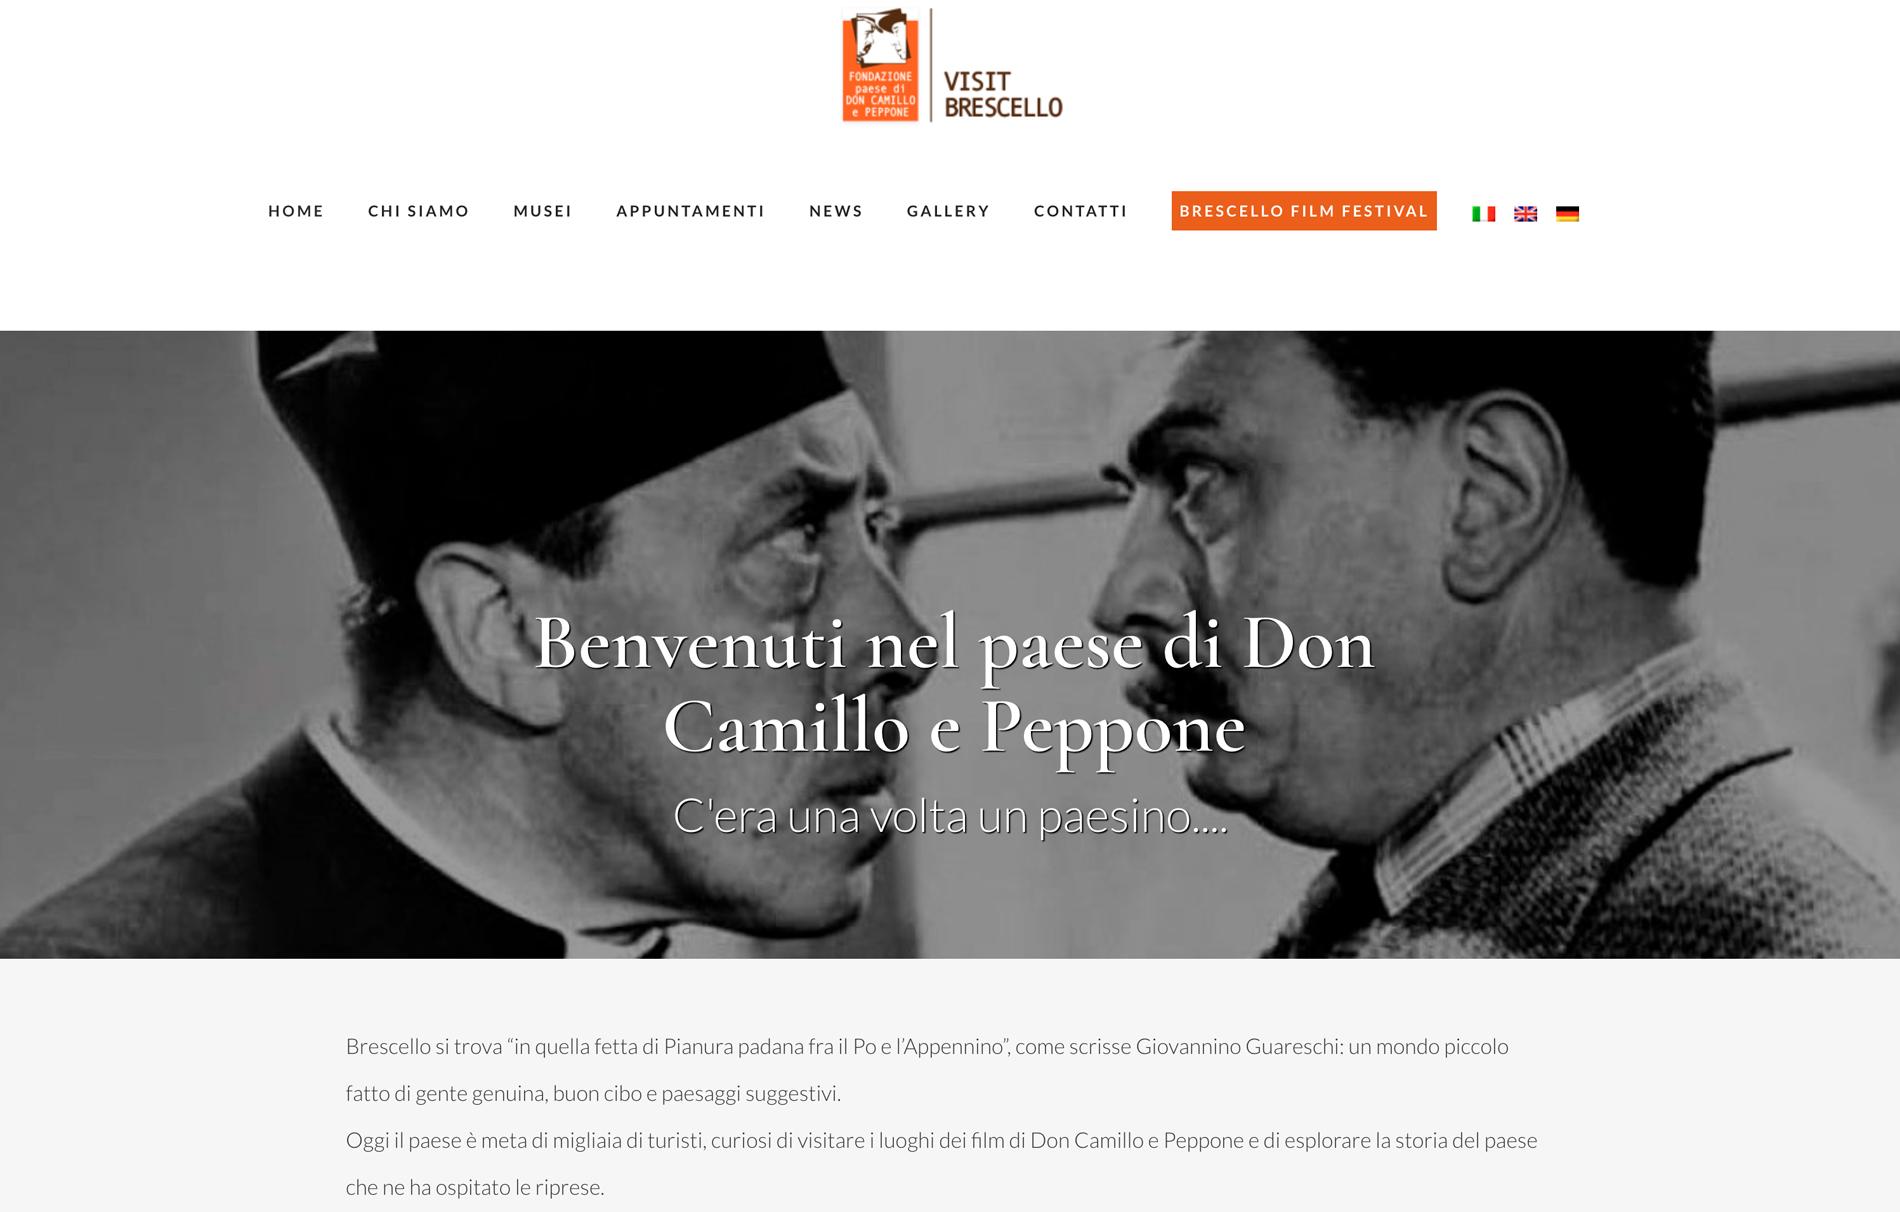 Fondazione Don Camillo e Peppone